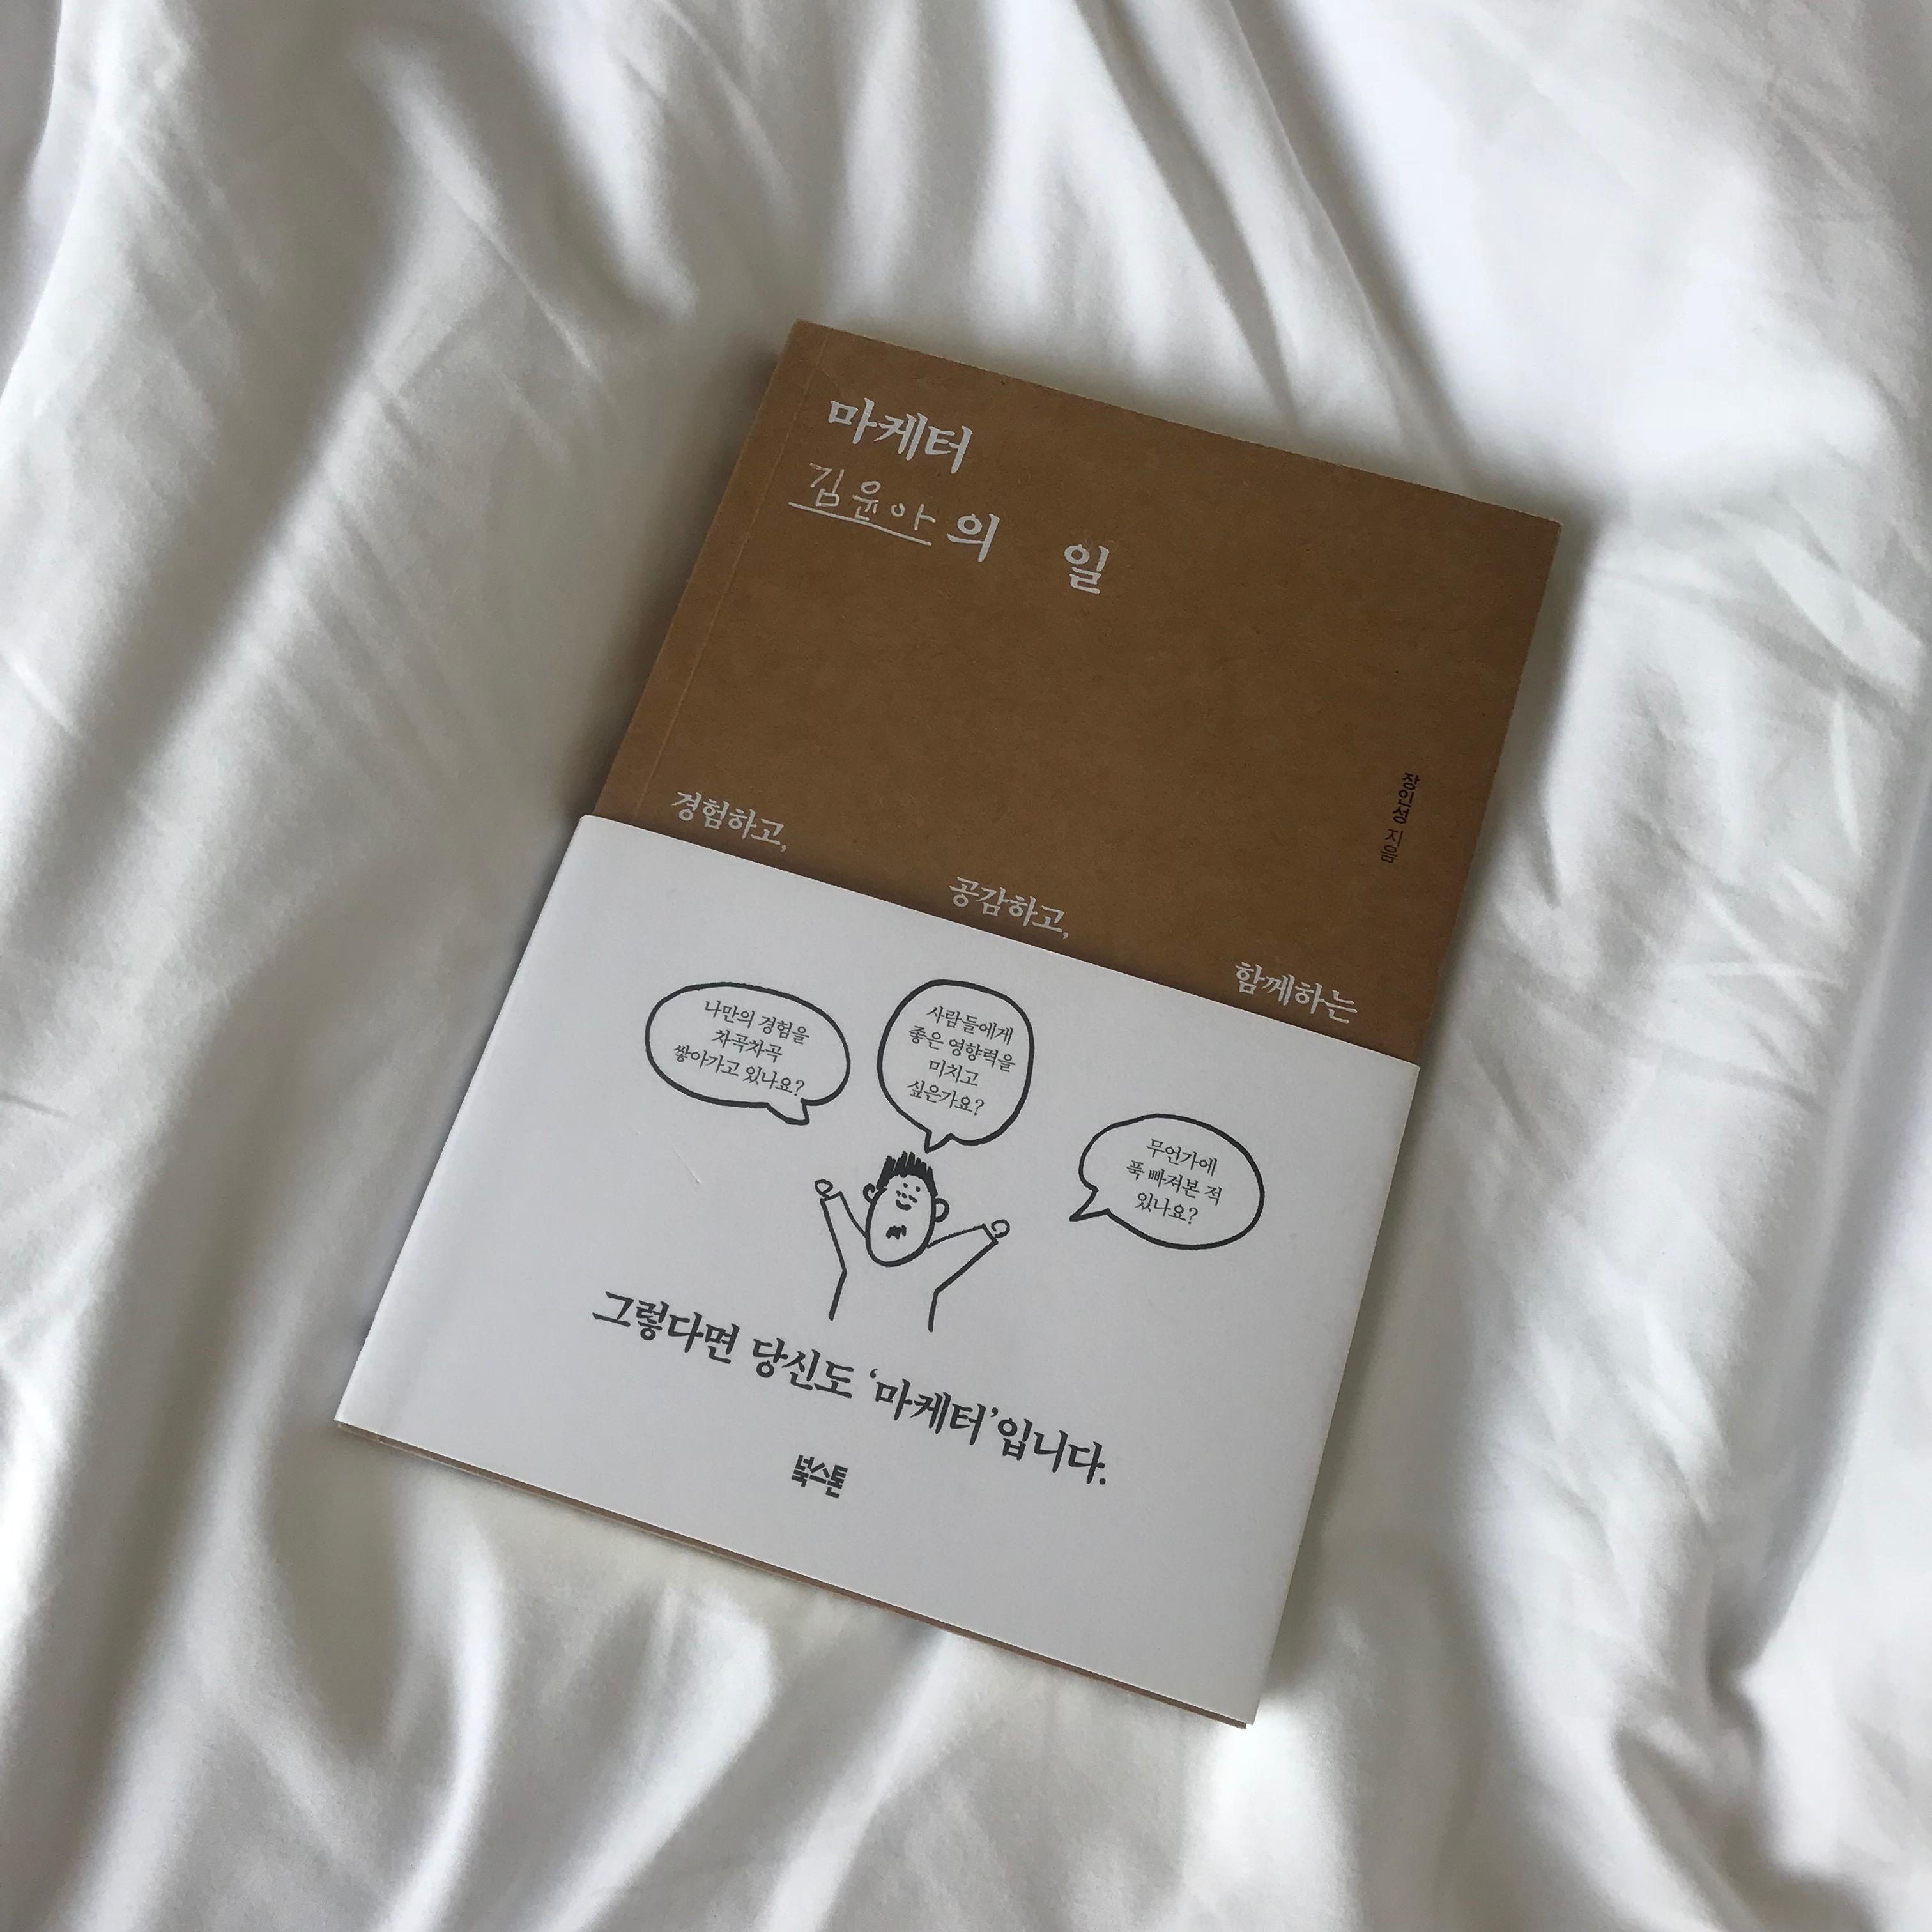 유나킴 Booking #01 마케터의 일 - 이상, 미래의 ...